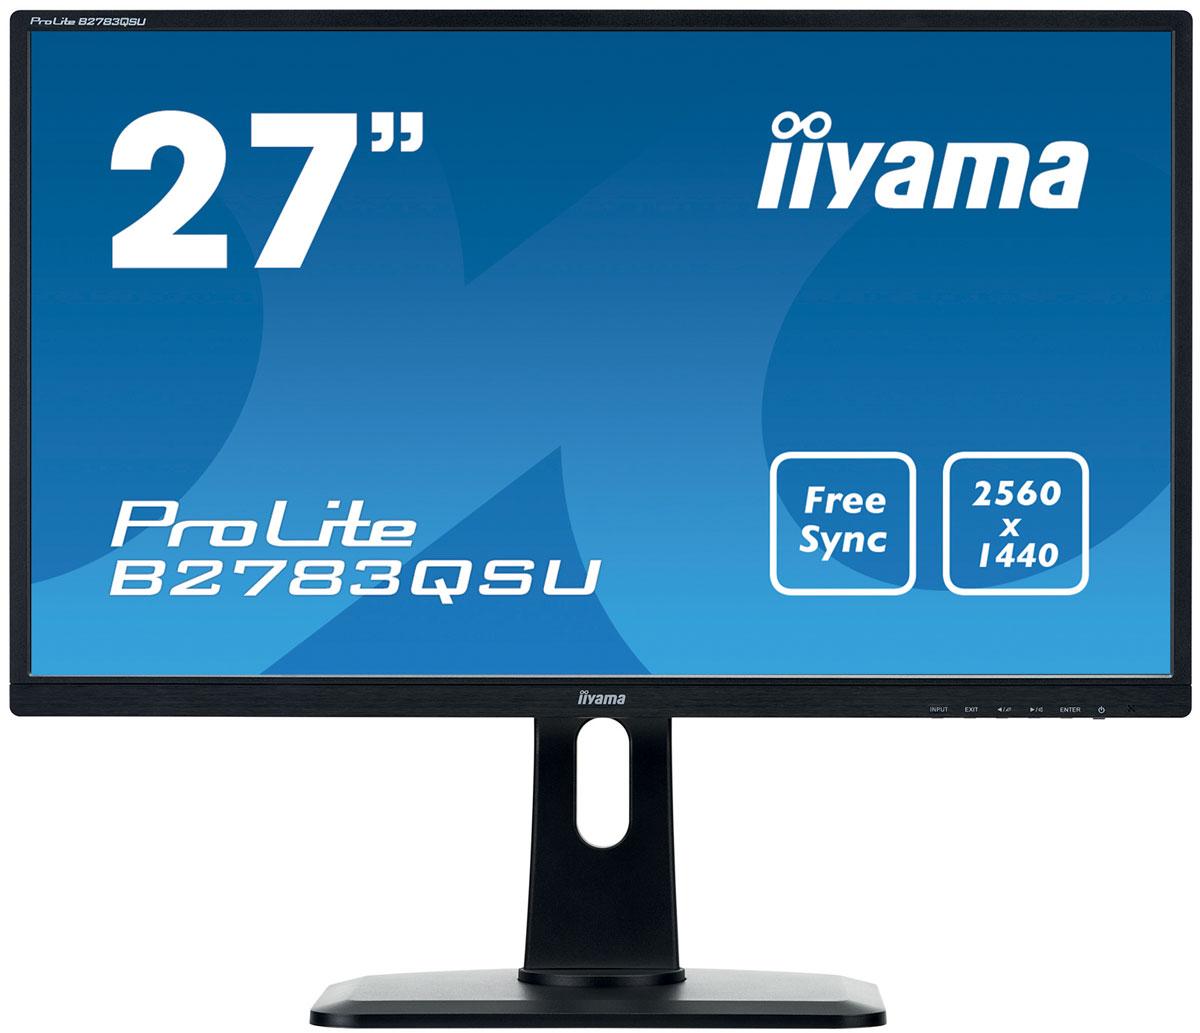 iiyama B2783QSU-B1, Black мониторB2783QSU-B1Монитор iiyama B2783QSU-B1 обеспечивает аккуратное и четкое воспроизведение цветов, широкие углы обзора и высокое разрешение экрана 2560х1440. Его эргономичная подставка обеспечивает регулировку по высоте 13 см, разворот и поворот монитора, что делает этот дисплей идеальным для широкого спектра приложений и сред, в которых гибкость и эргономика на рабочем месте являются ключевыми факторами. Этот монитор поддерживает технологию FreeSync, предлагая геймерам насладиться плавной работой видеоподсистемы ПК. Три разъема подключения (DVI и HDMI/DisplayPort) и USB-хаб обеспечивают совместимость с настольным ПК или ноутбуком.